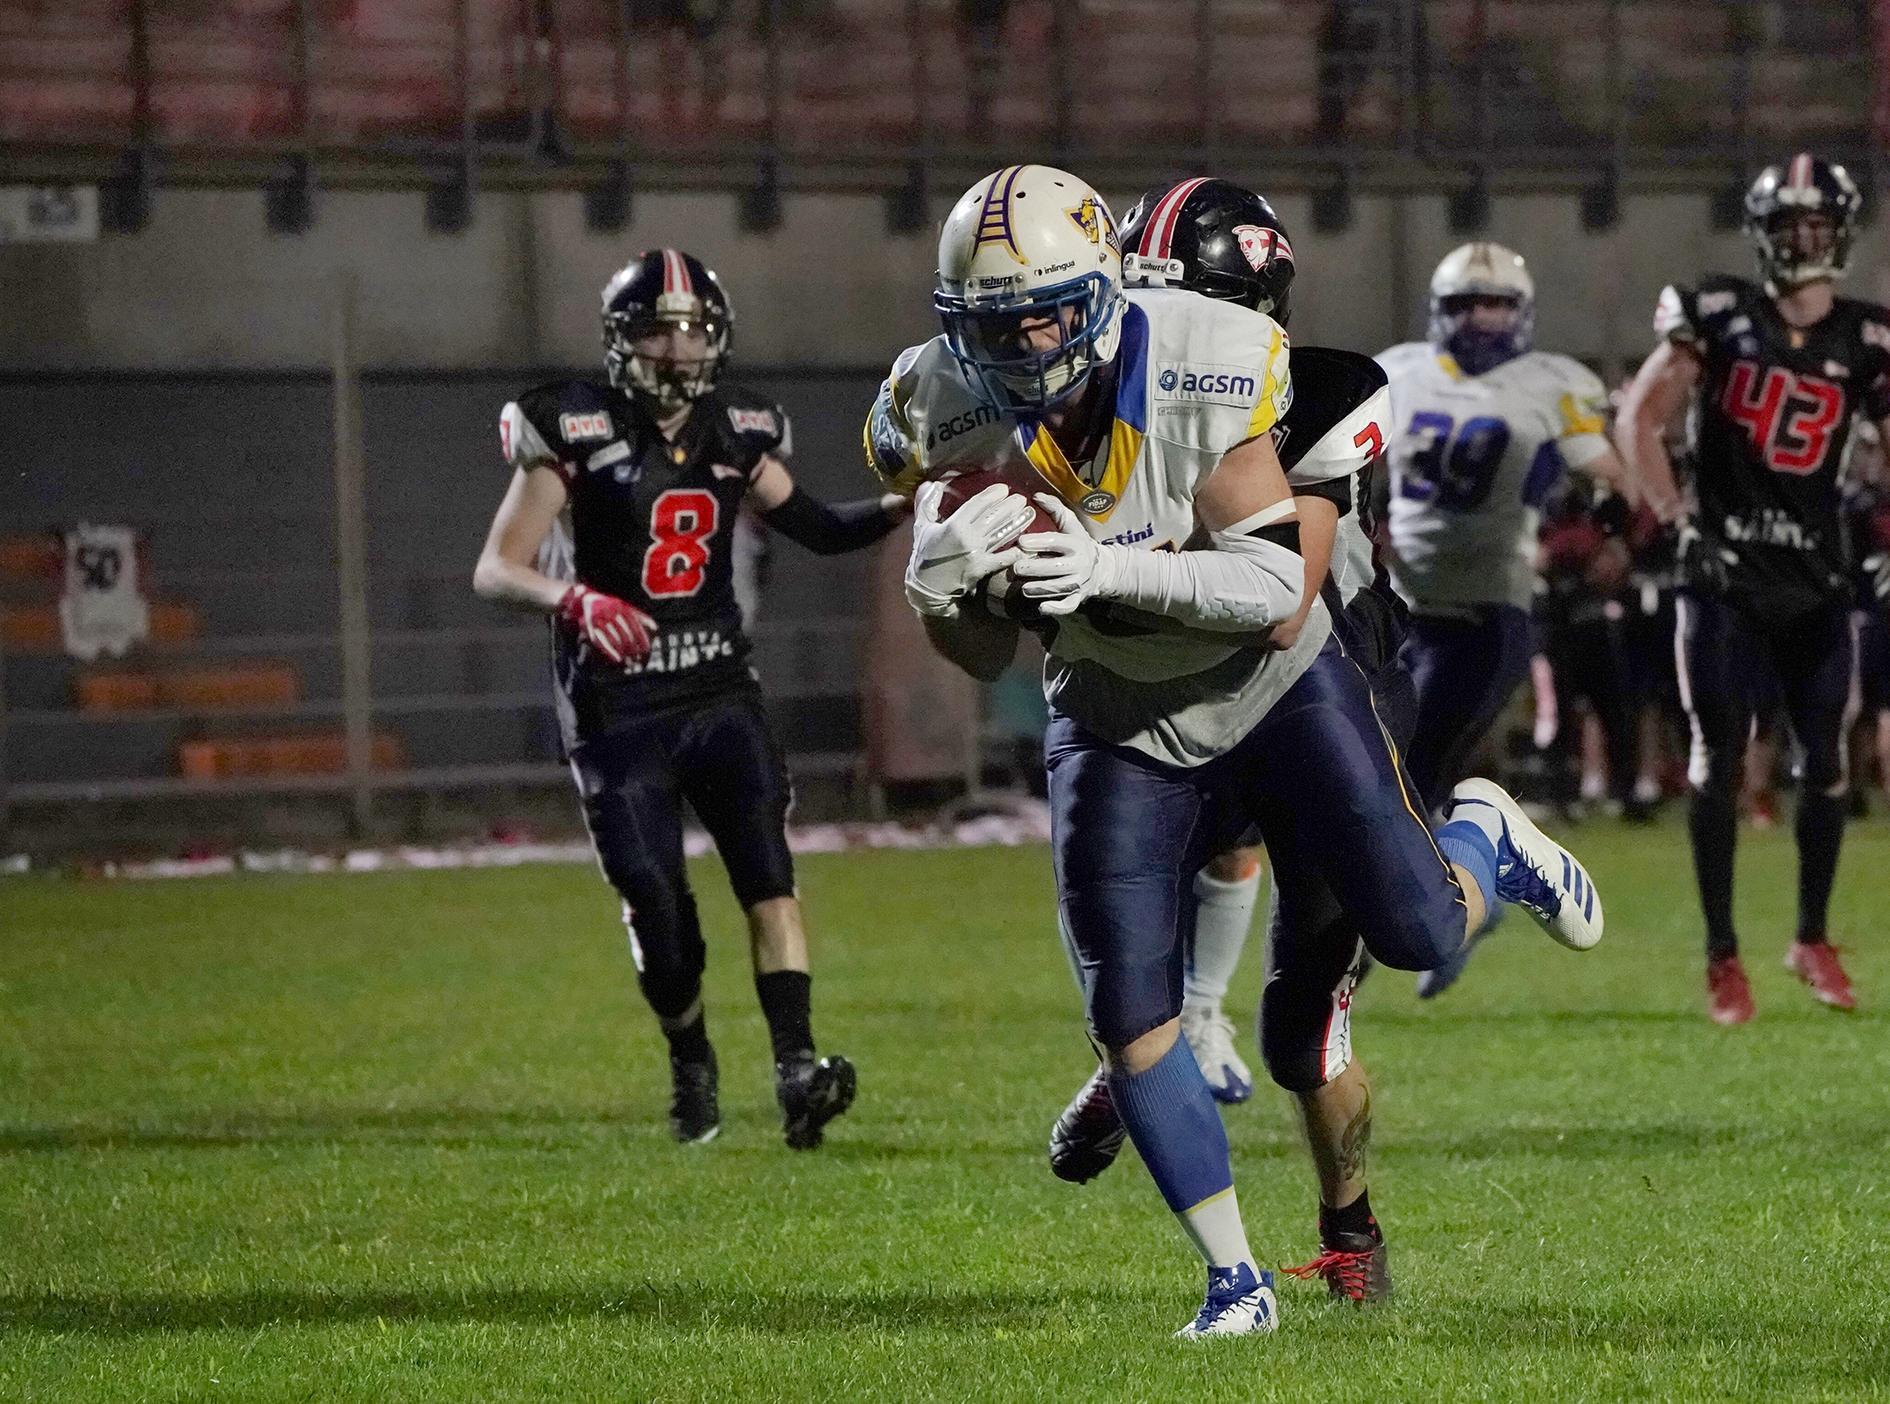 quarti di finale - Pierpaolo Bozzini in touchdown (foto Nicola Vivian)